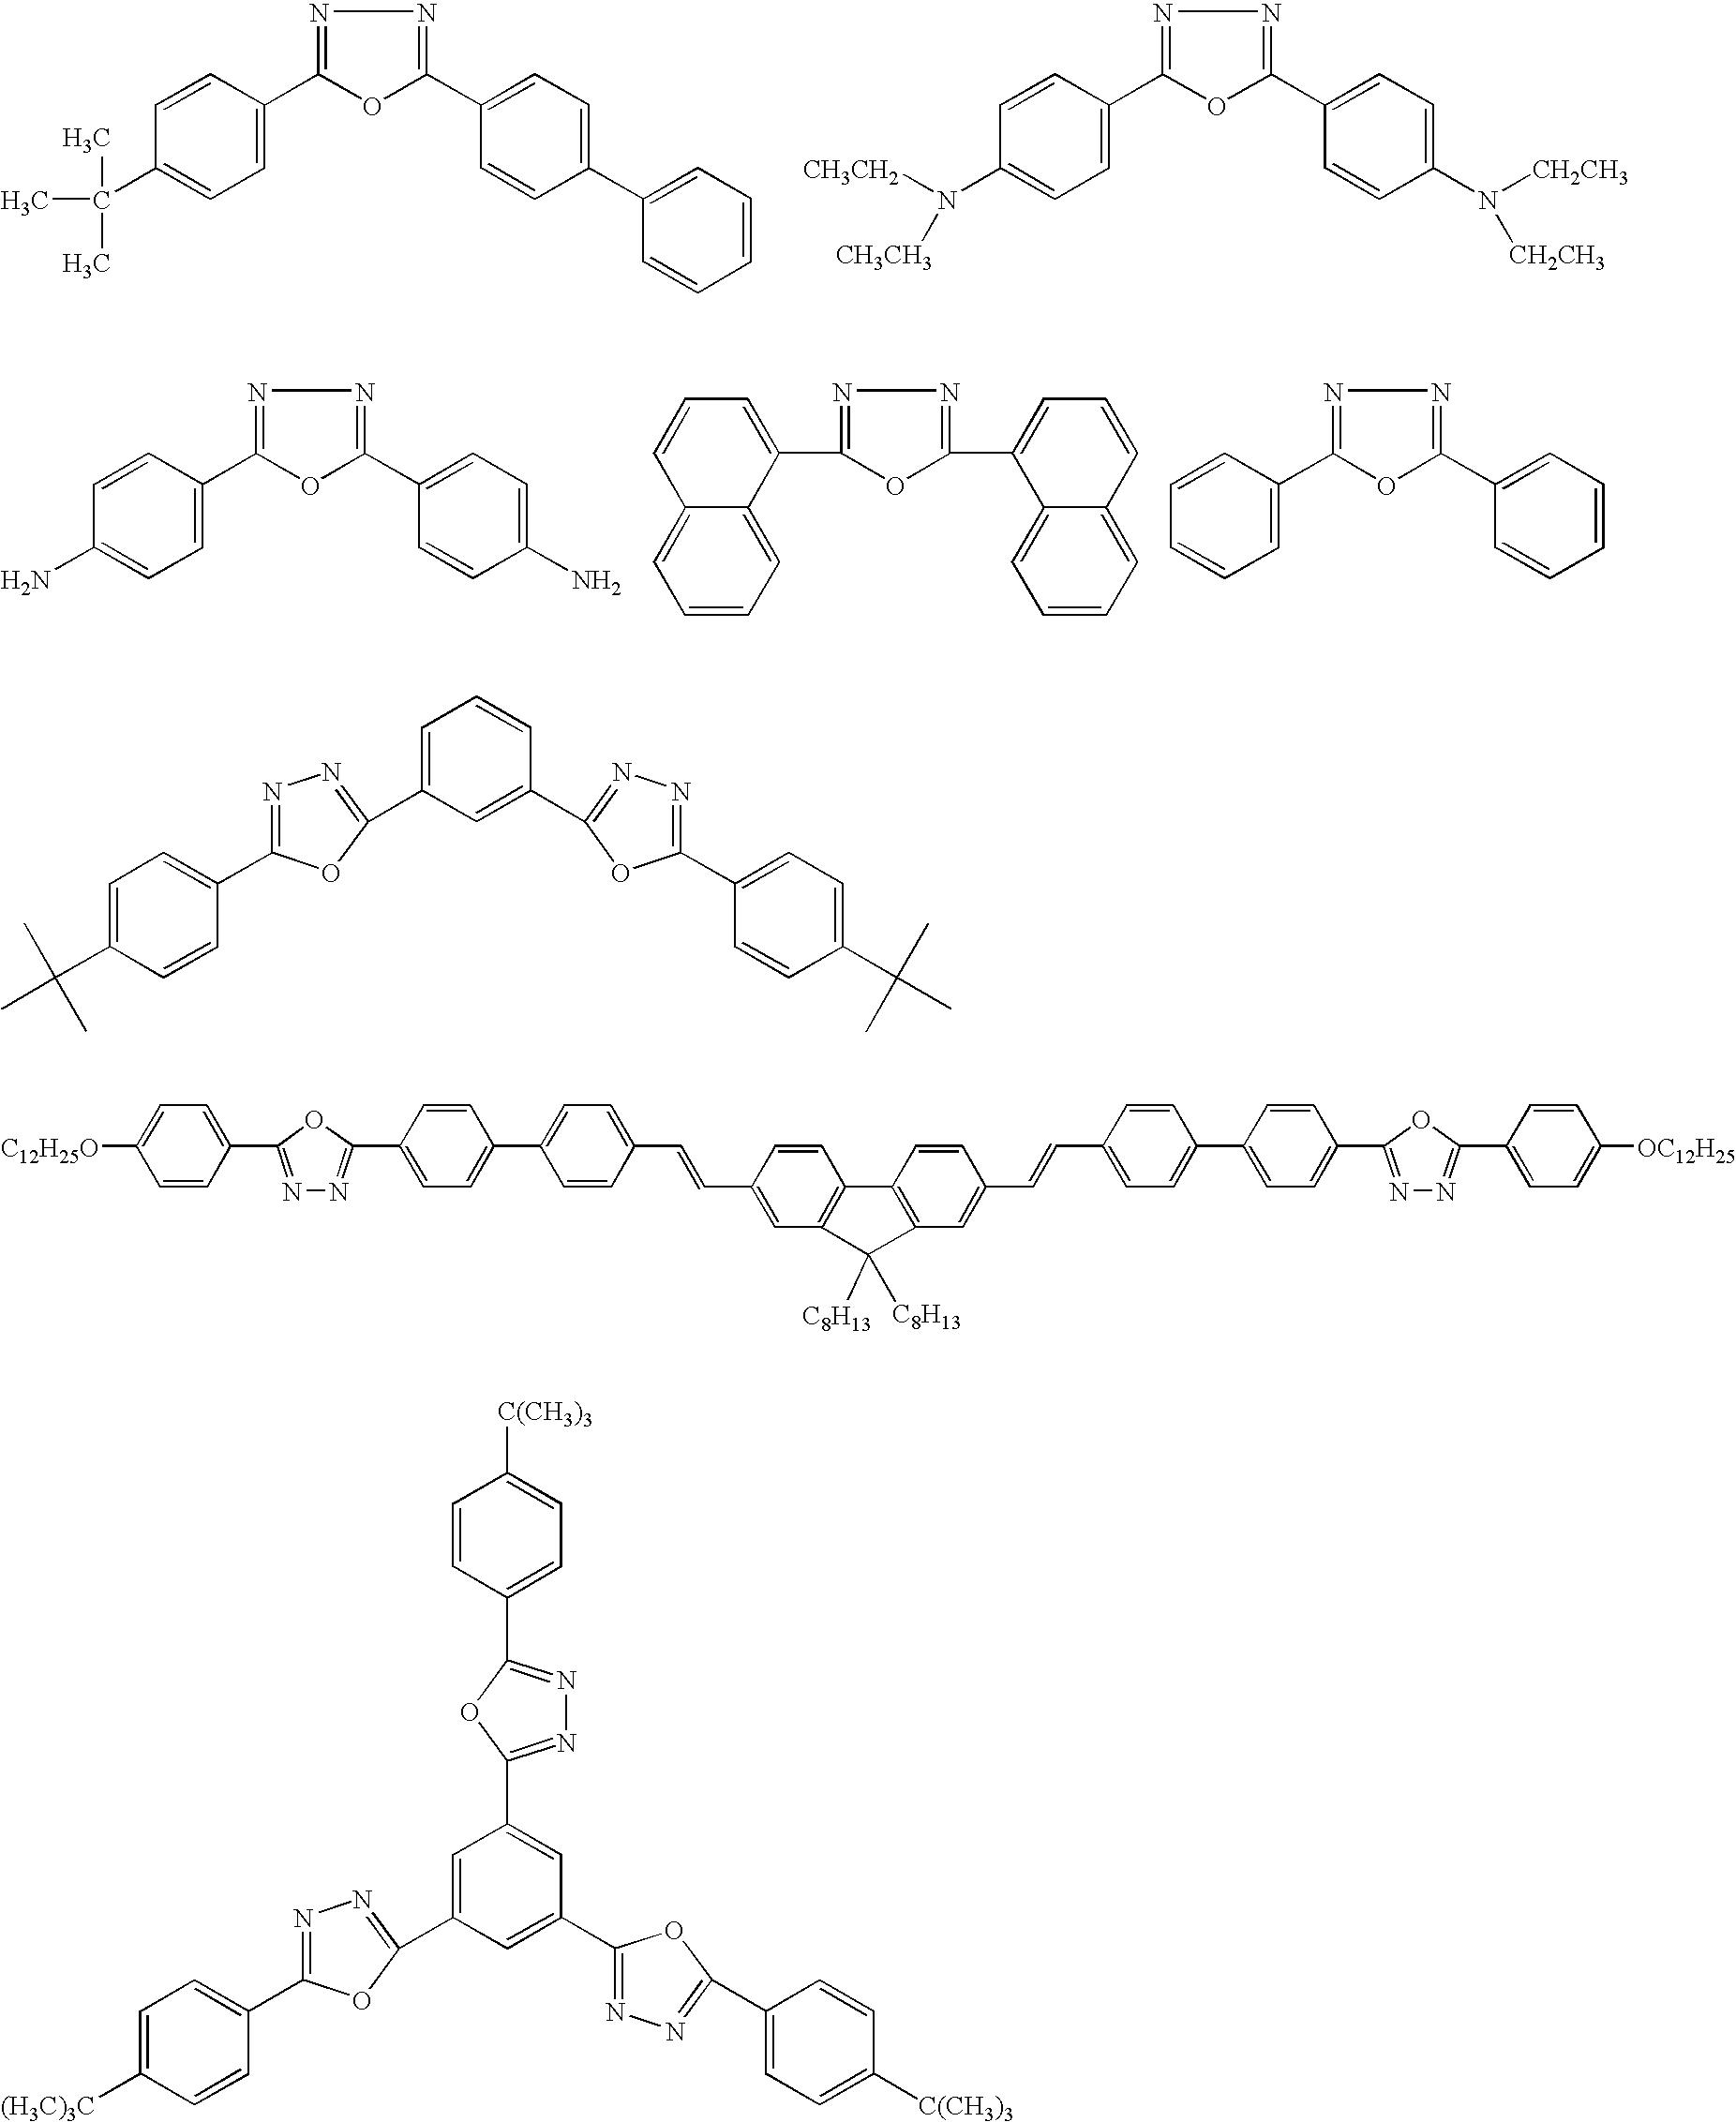 Figure US20090246664A1-20091001-C00005